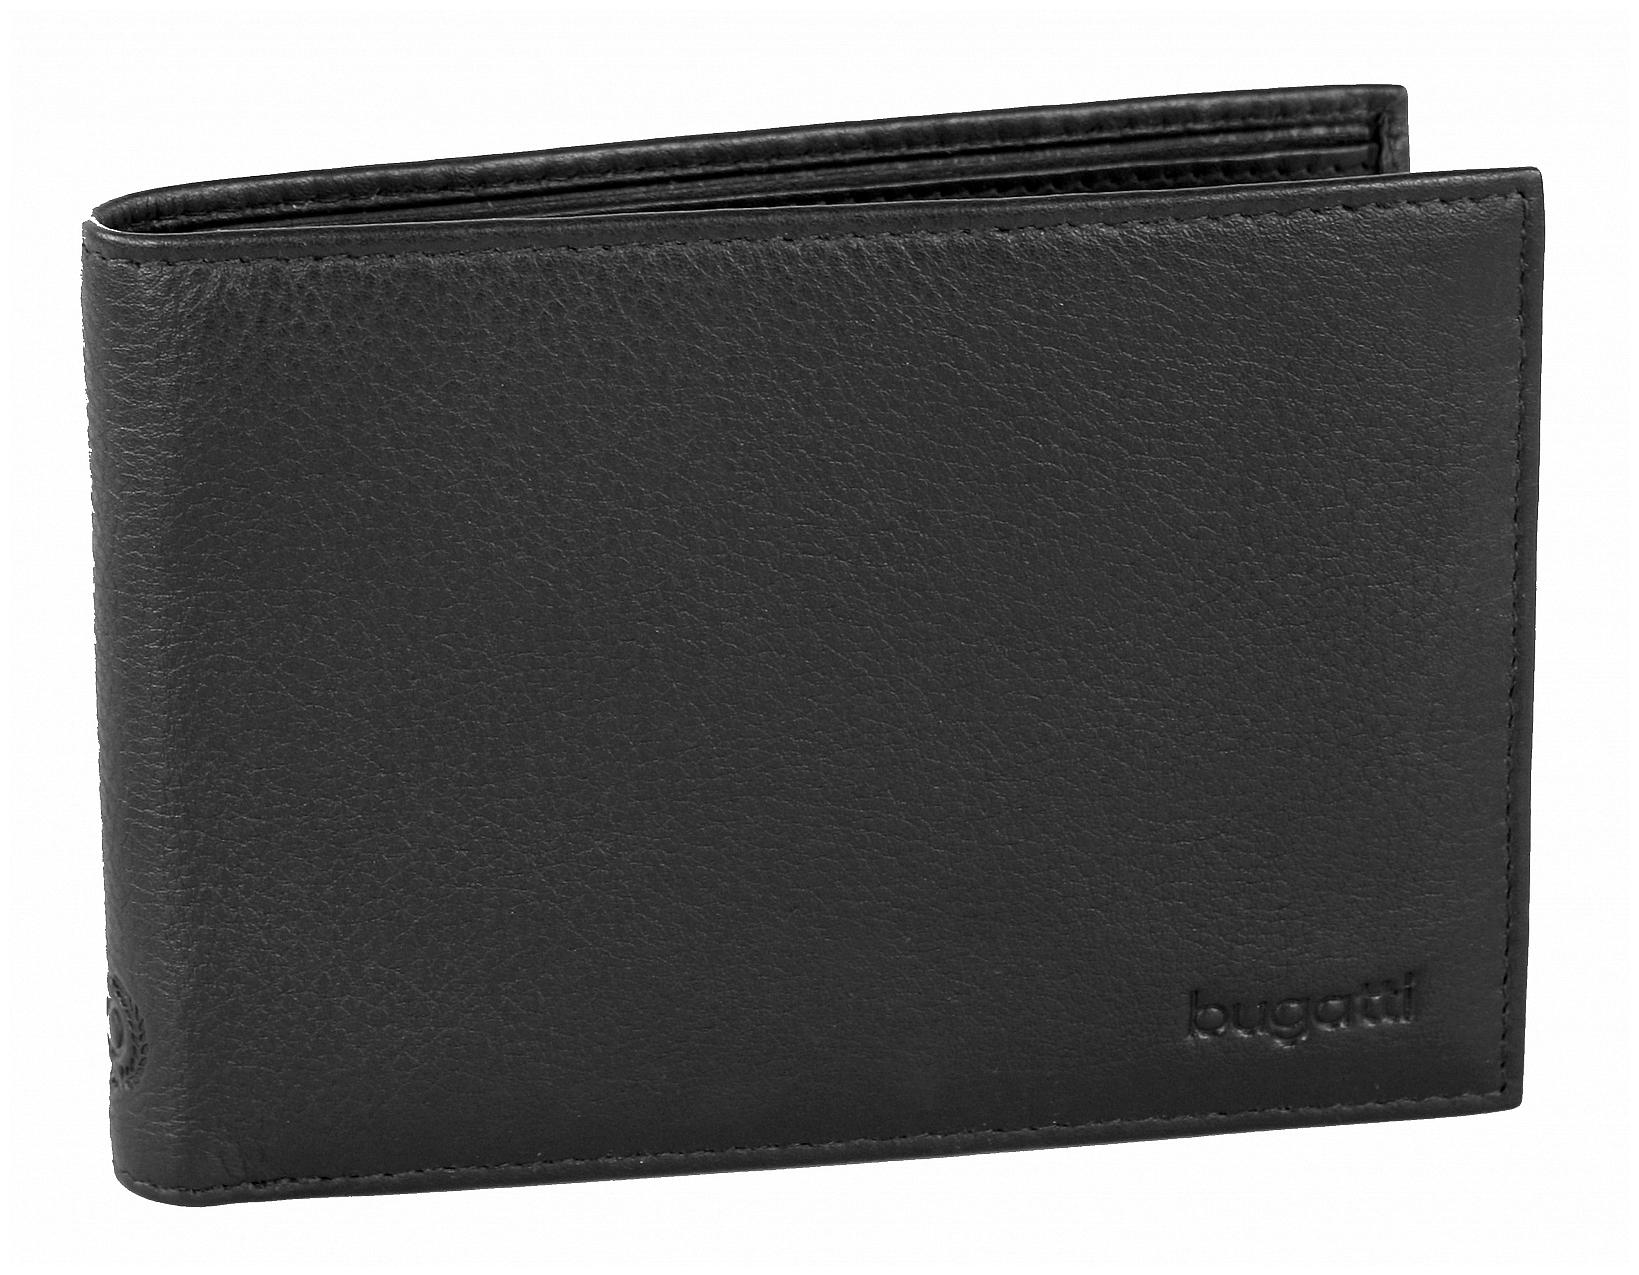 Bugatti Pánská kožená peněženka SEMPRE 49117701 černá